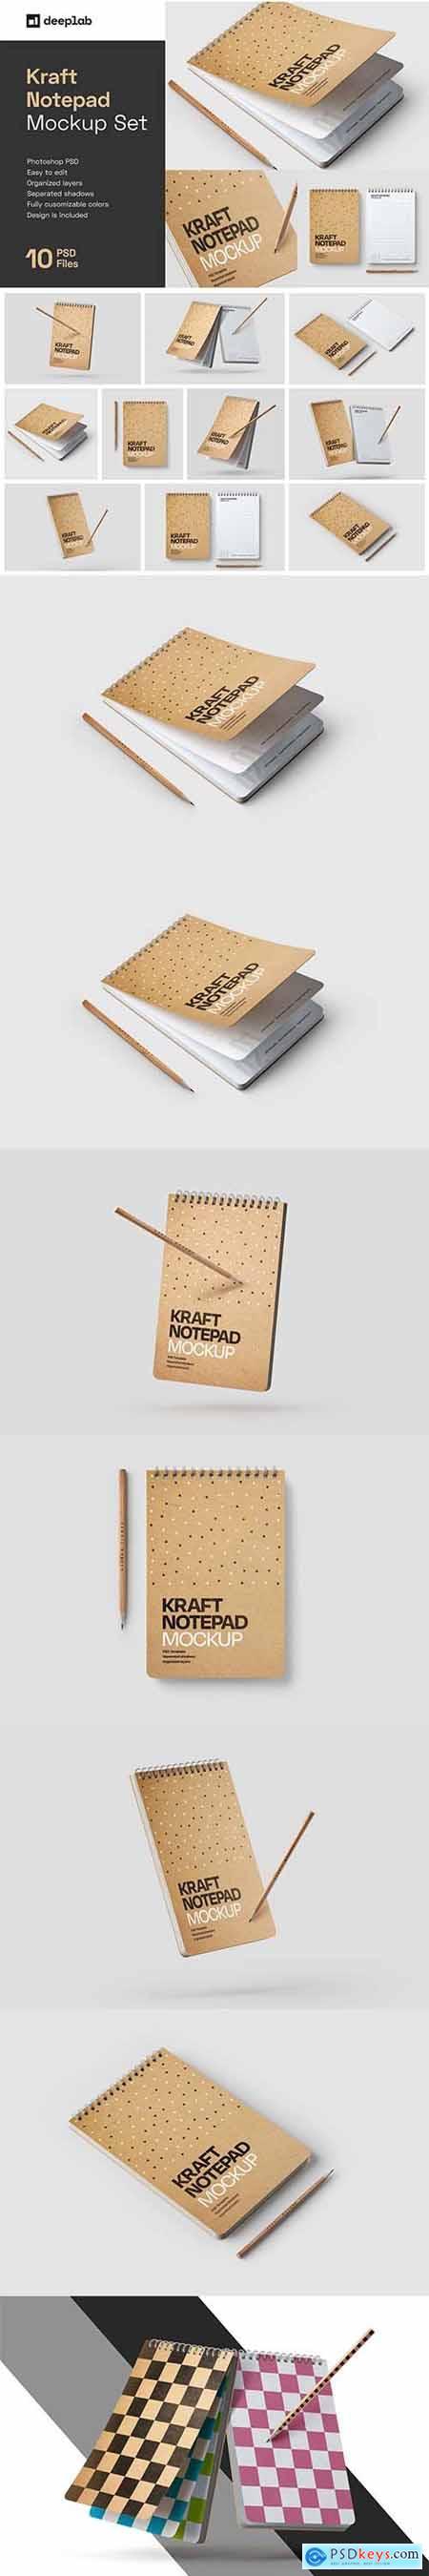 Kraft Notepad Mockup Set, Sketchbook 5708587